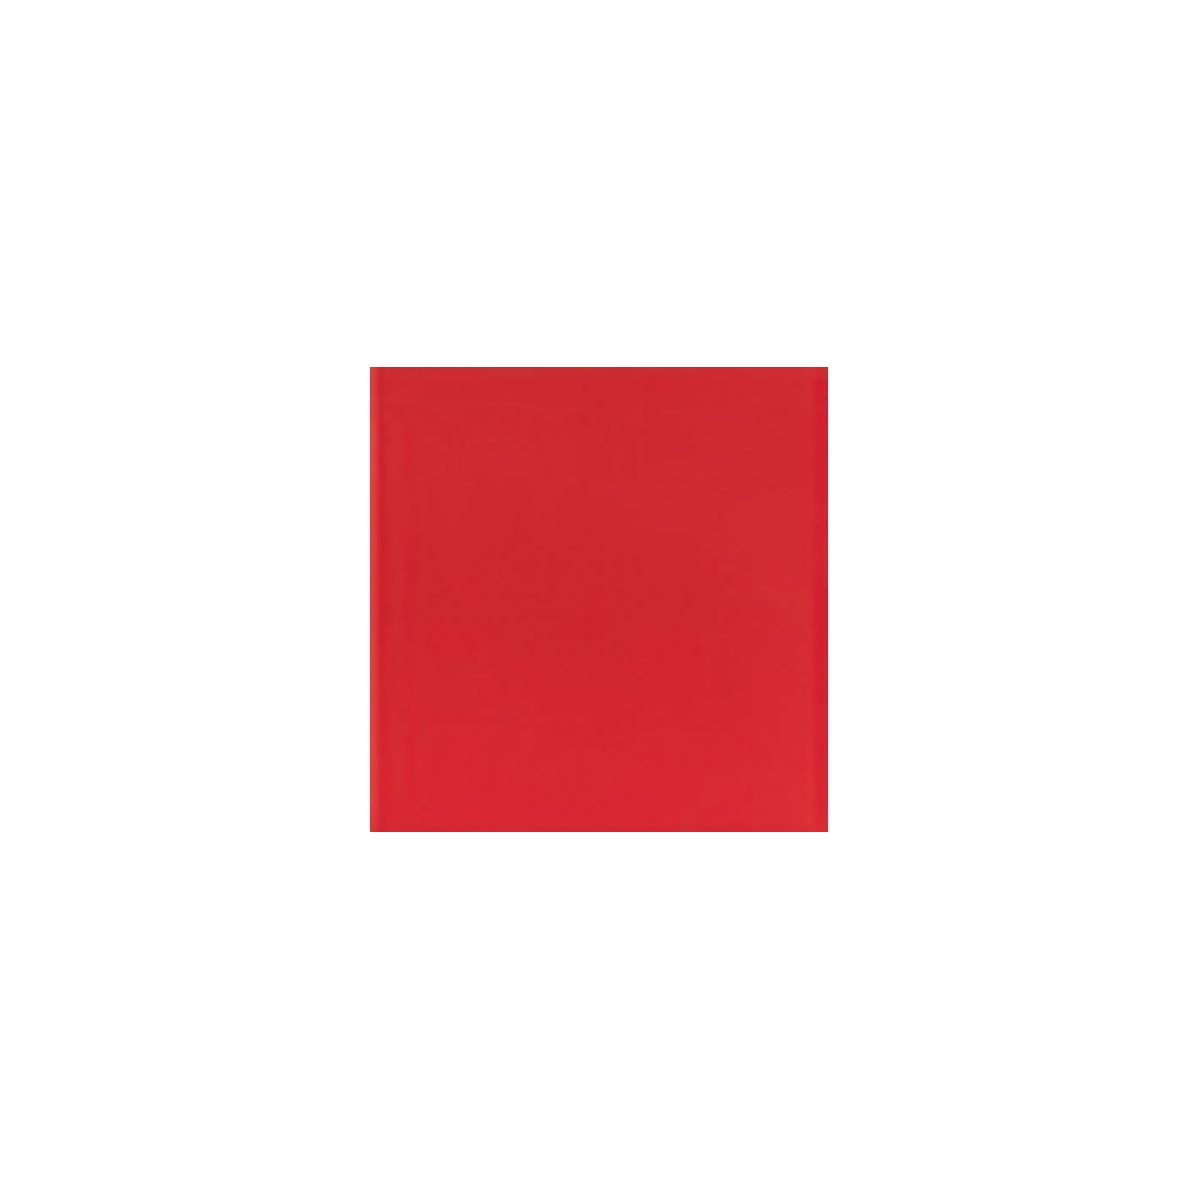 Color Rojo Brillo - Colección Colores Brillo - Marca Mainzu